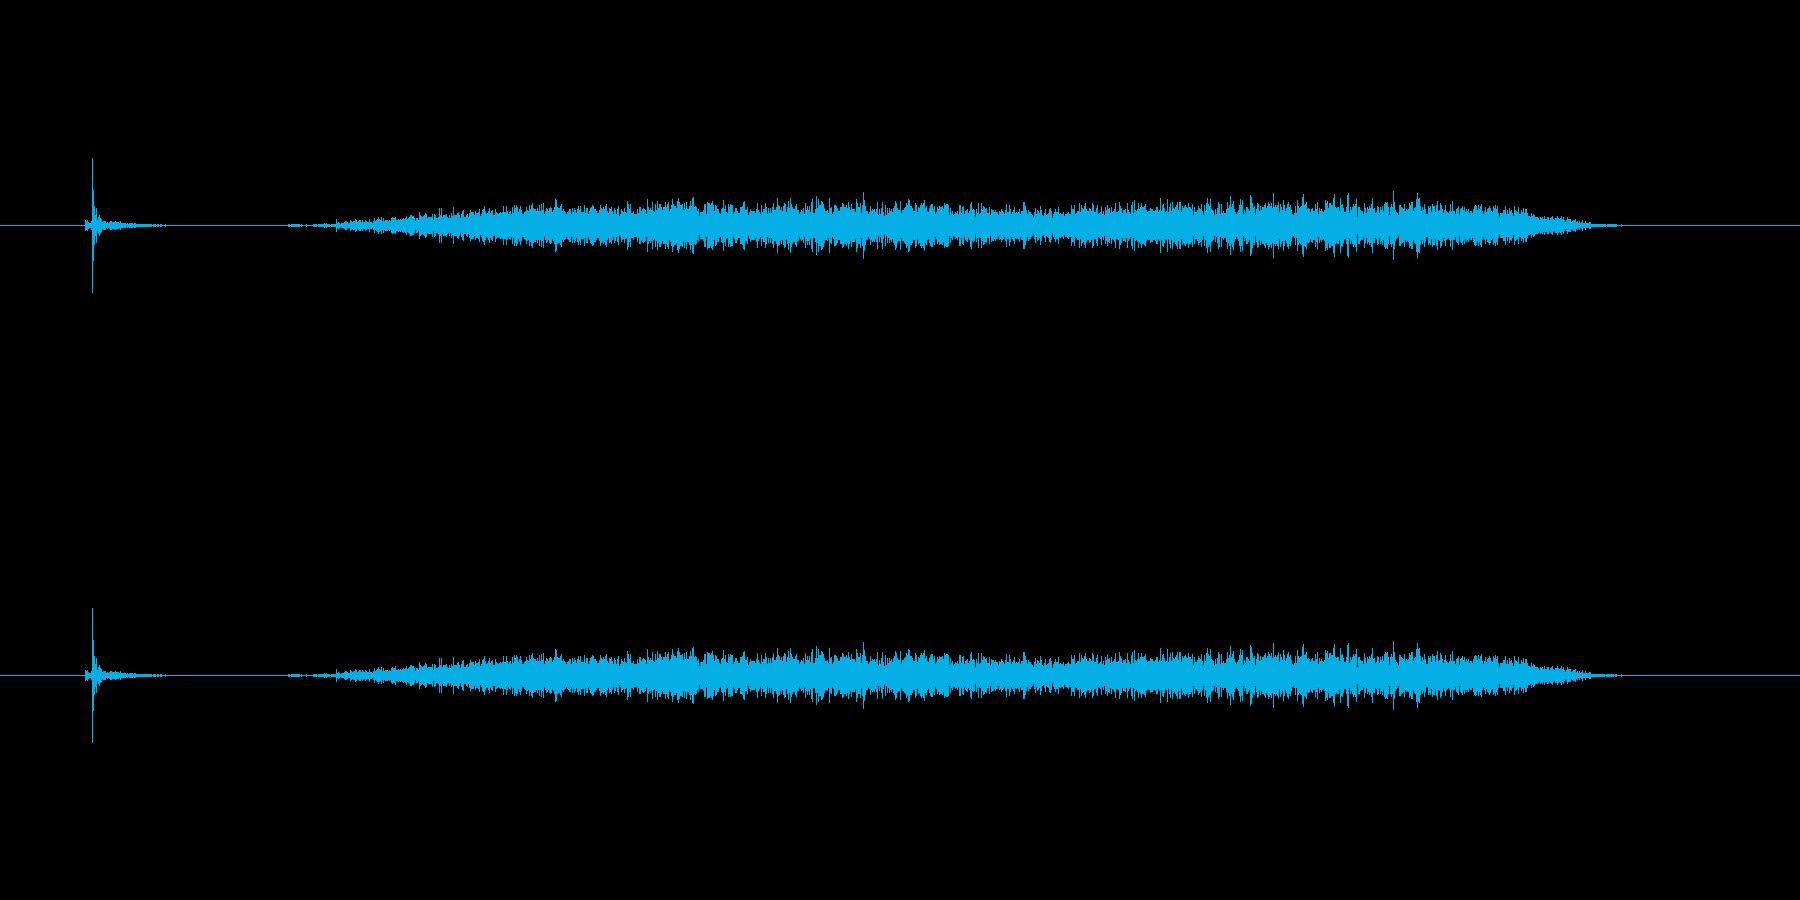 【カッター02-5(切る 紙)】の再生済みの波形